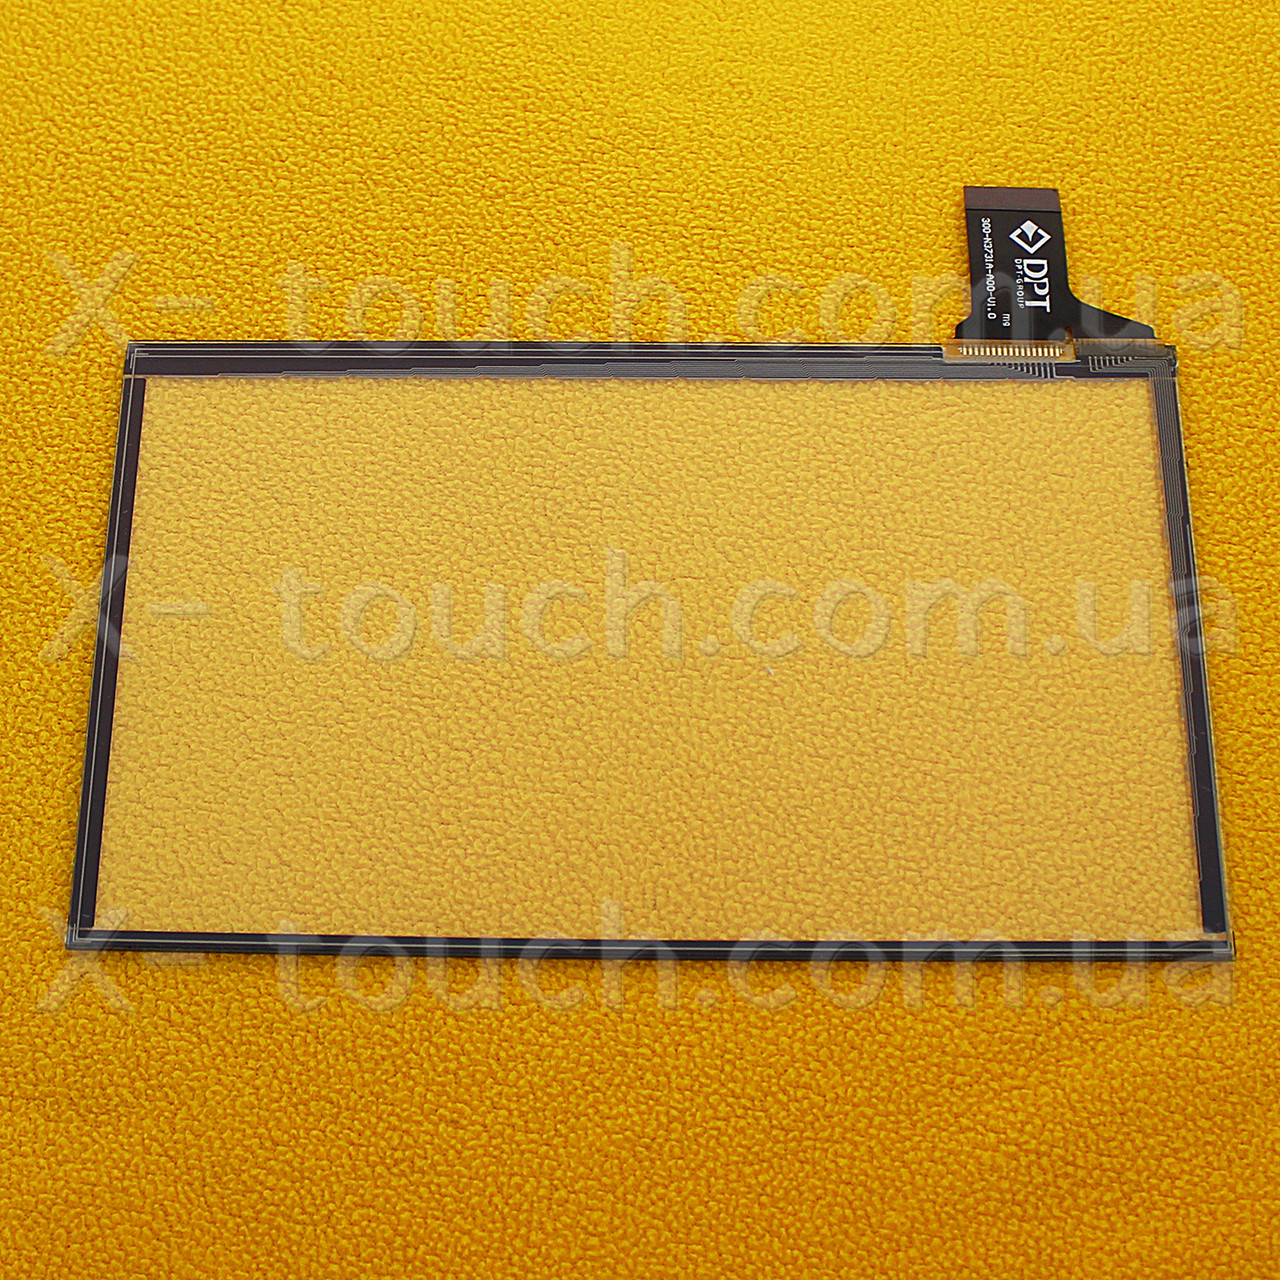 Тачскрин, сенсор  300-N3731A-A00-V1.0  для планшета